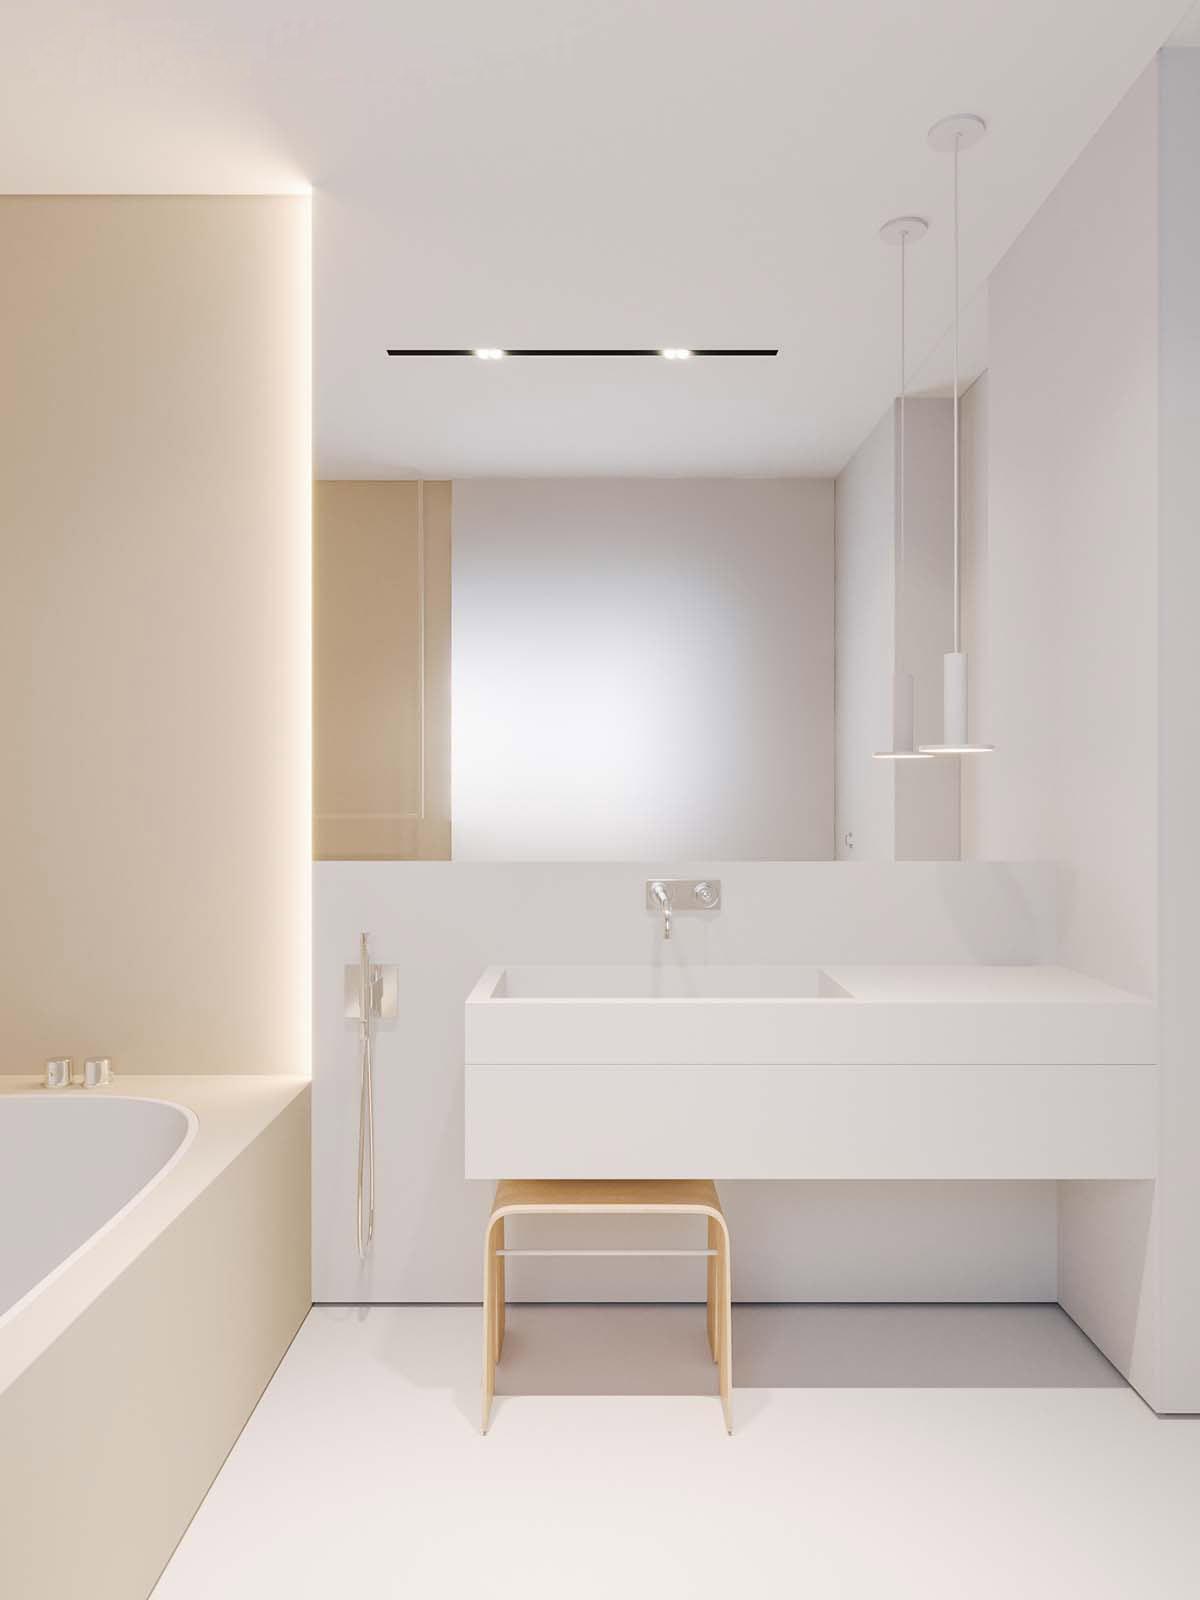 Projekt łazienki KUOO ARCHITECTS, Katarzyna Kuo Stolarska | Minimalistyczna łazienka z delikatnie złotą armaturą